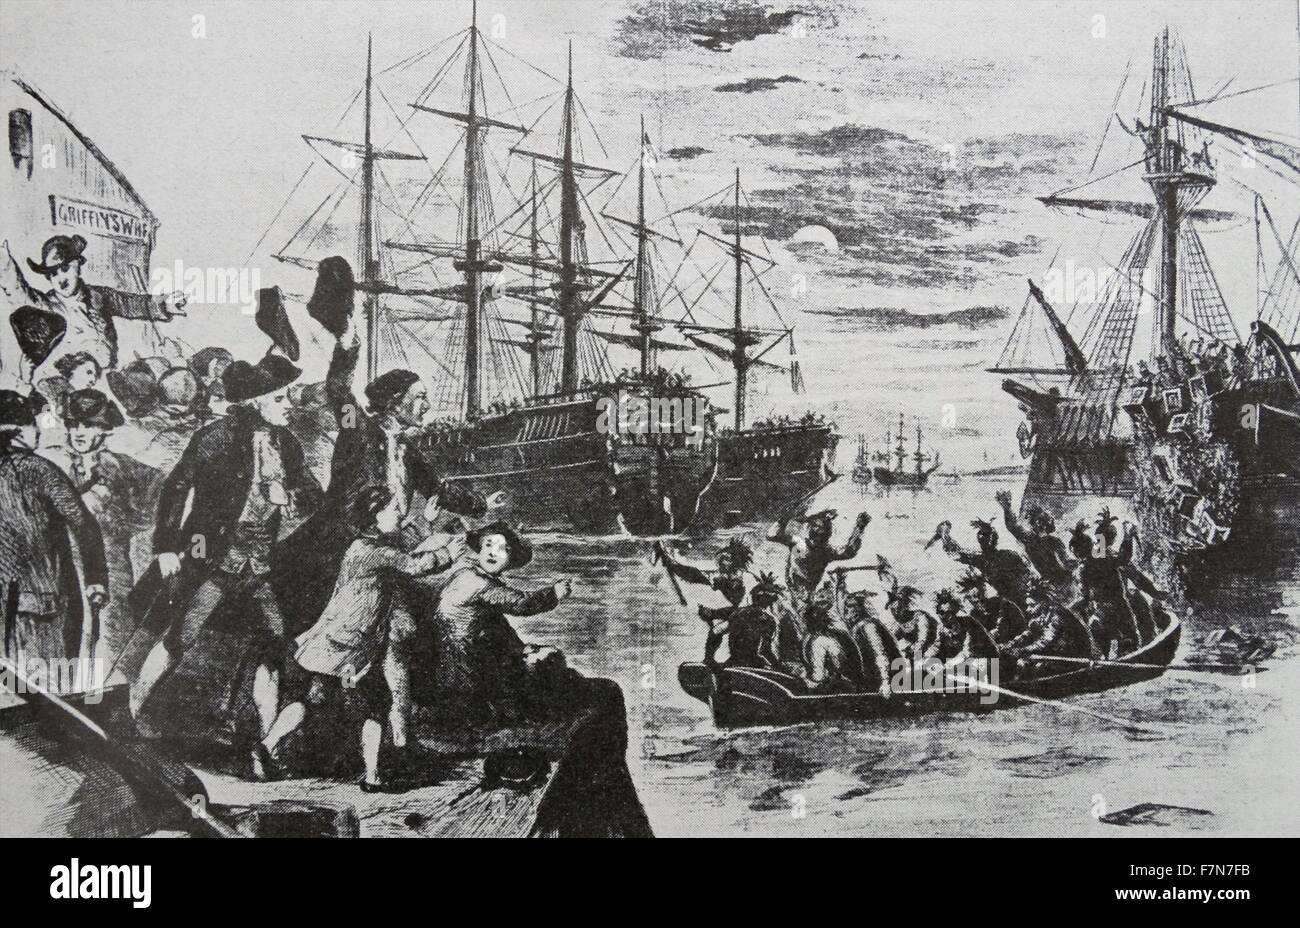 Kolonisten In Boston Protestierten Gegen Den Stamp Act Als Indianer Verkleiden Und Kisten Tee Uber Bord Zu Werfen Dies Wurde Die Tea Party